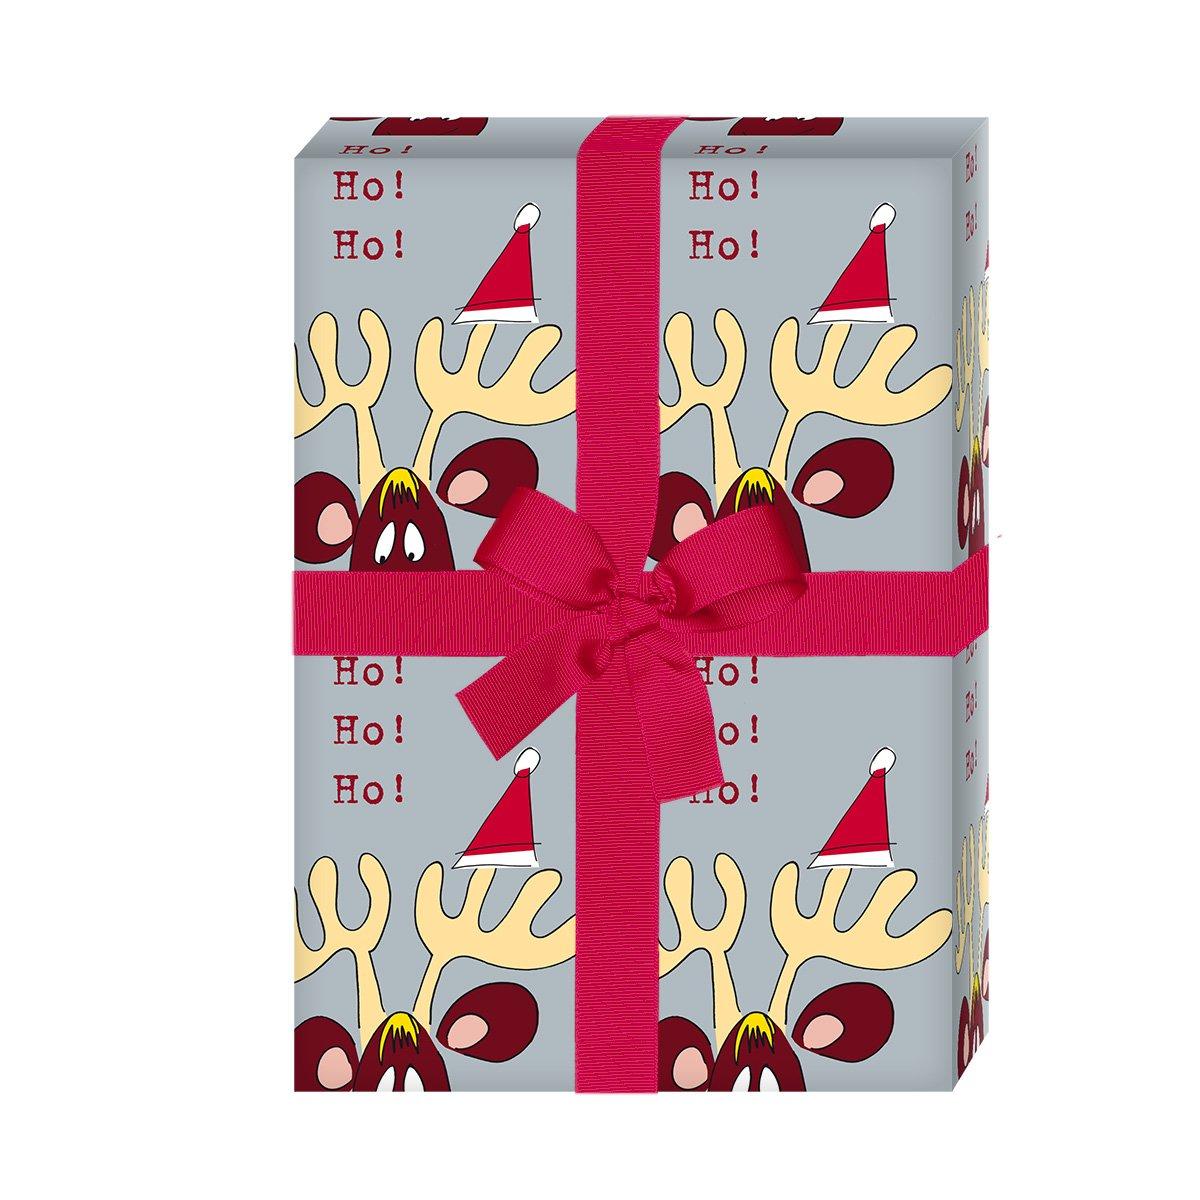 Amüsant Lustige Geschenkverpackung Sammlung Von Lustiges Weihnachtspapier/weihnachts Geschenkpapier Mit Komischem Elch: Ho